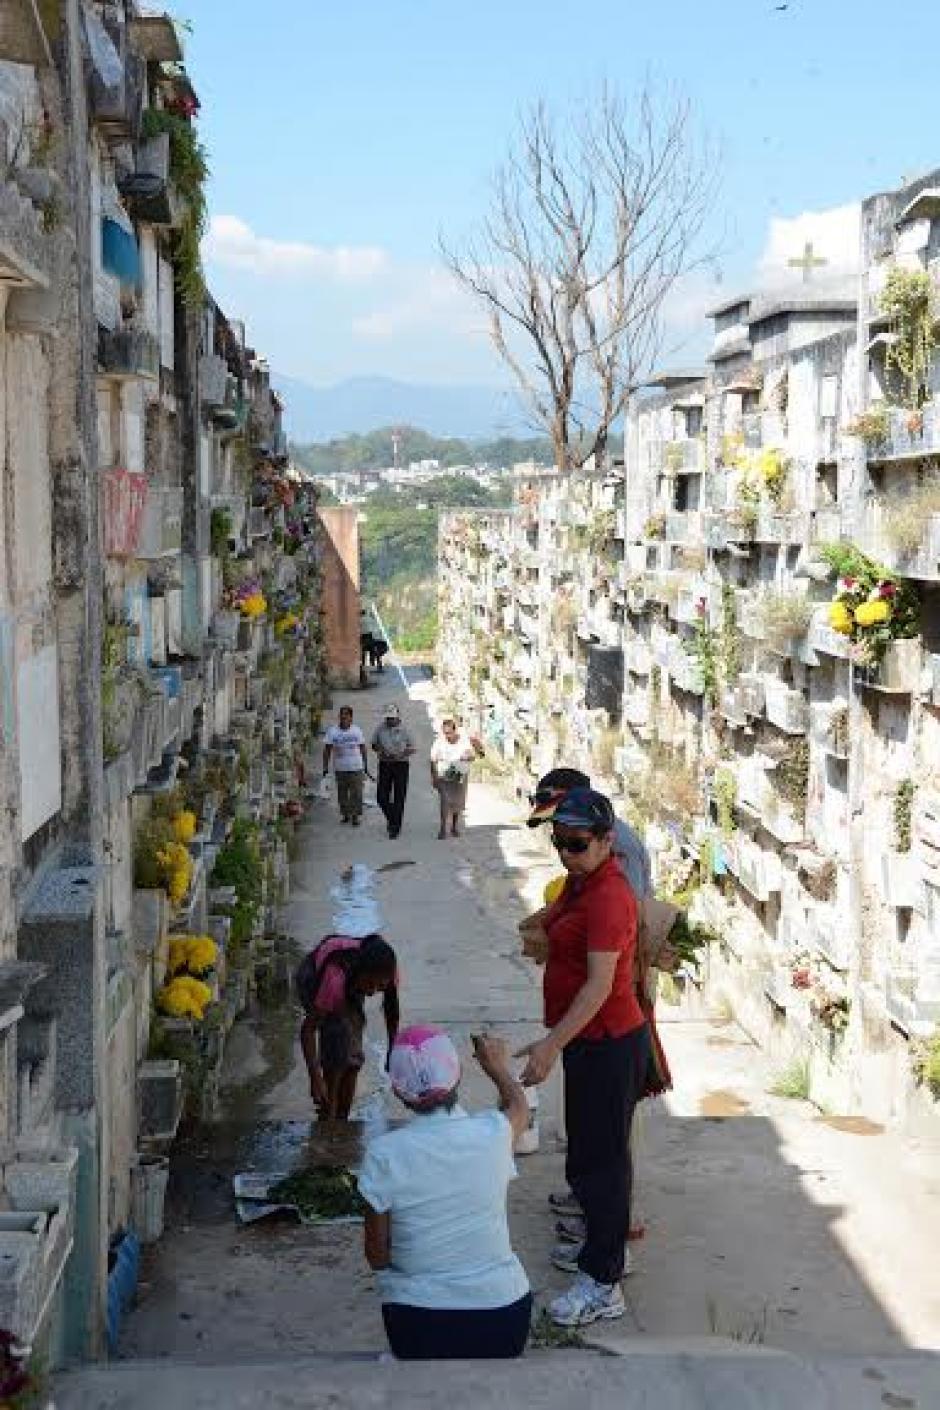 Familias visitan las tumbas de sus seres queridos previo a la celebración del Día de Todos los Santos.(Foto:Juan Carlos Raxón/Nuestro Diario)